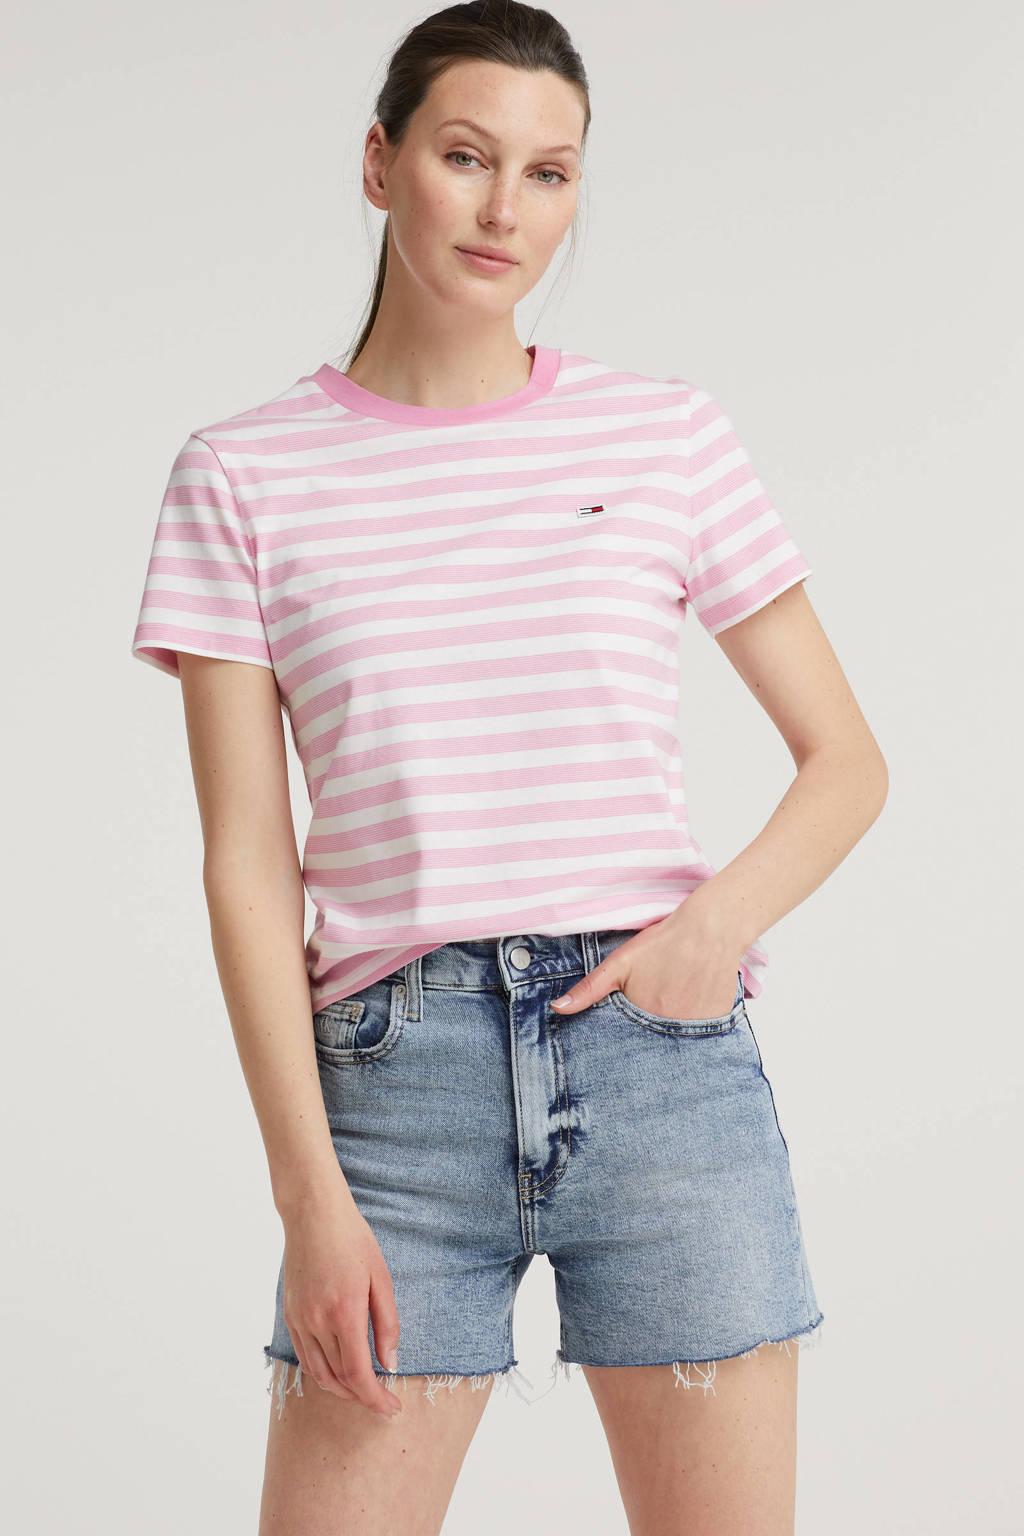 Tommy Jeans gestreept T-shirt van biologisch katoen marine/wit, Roze/wit